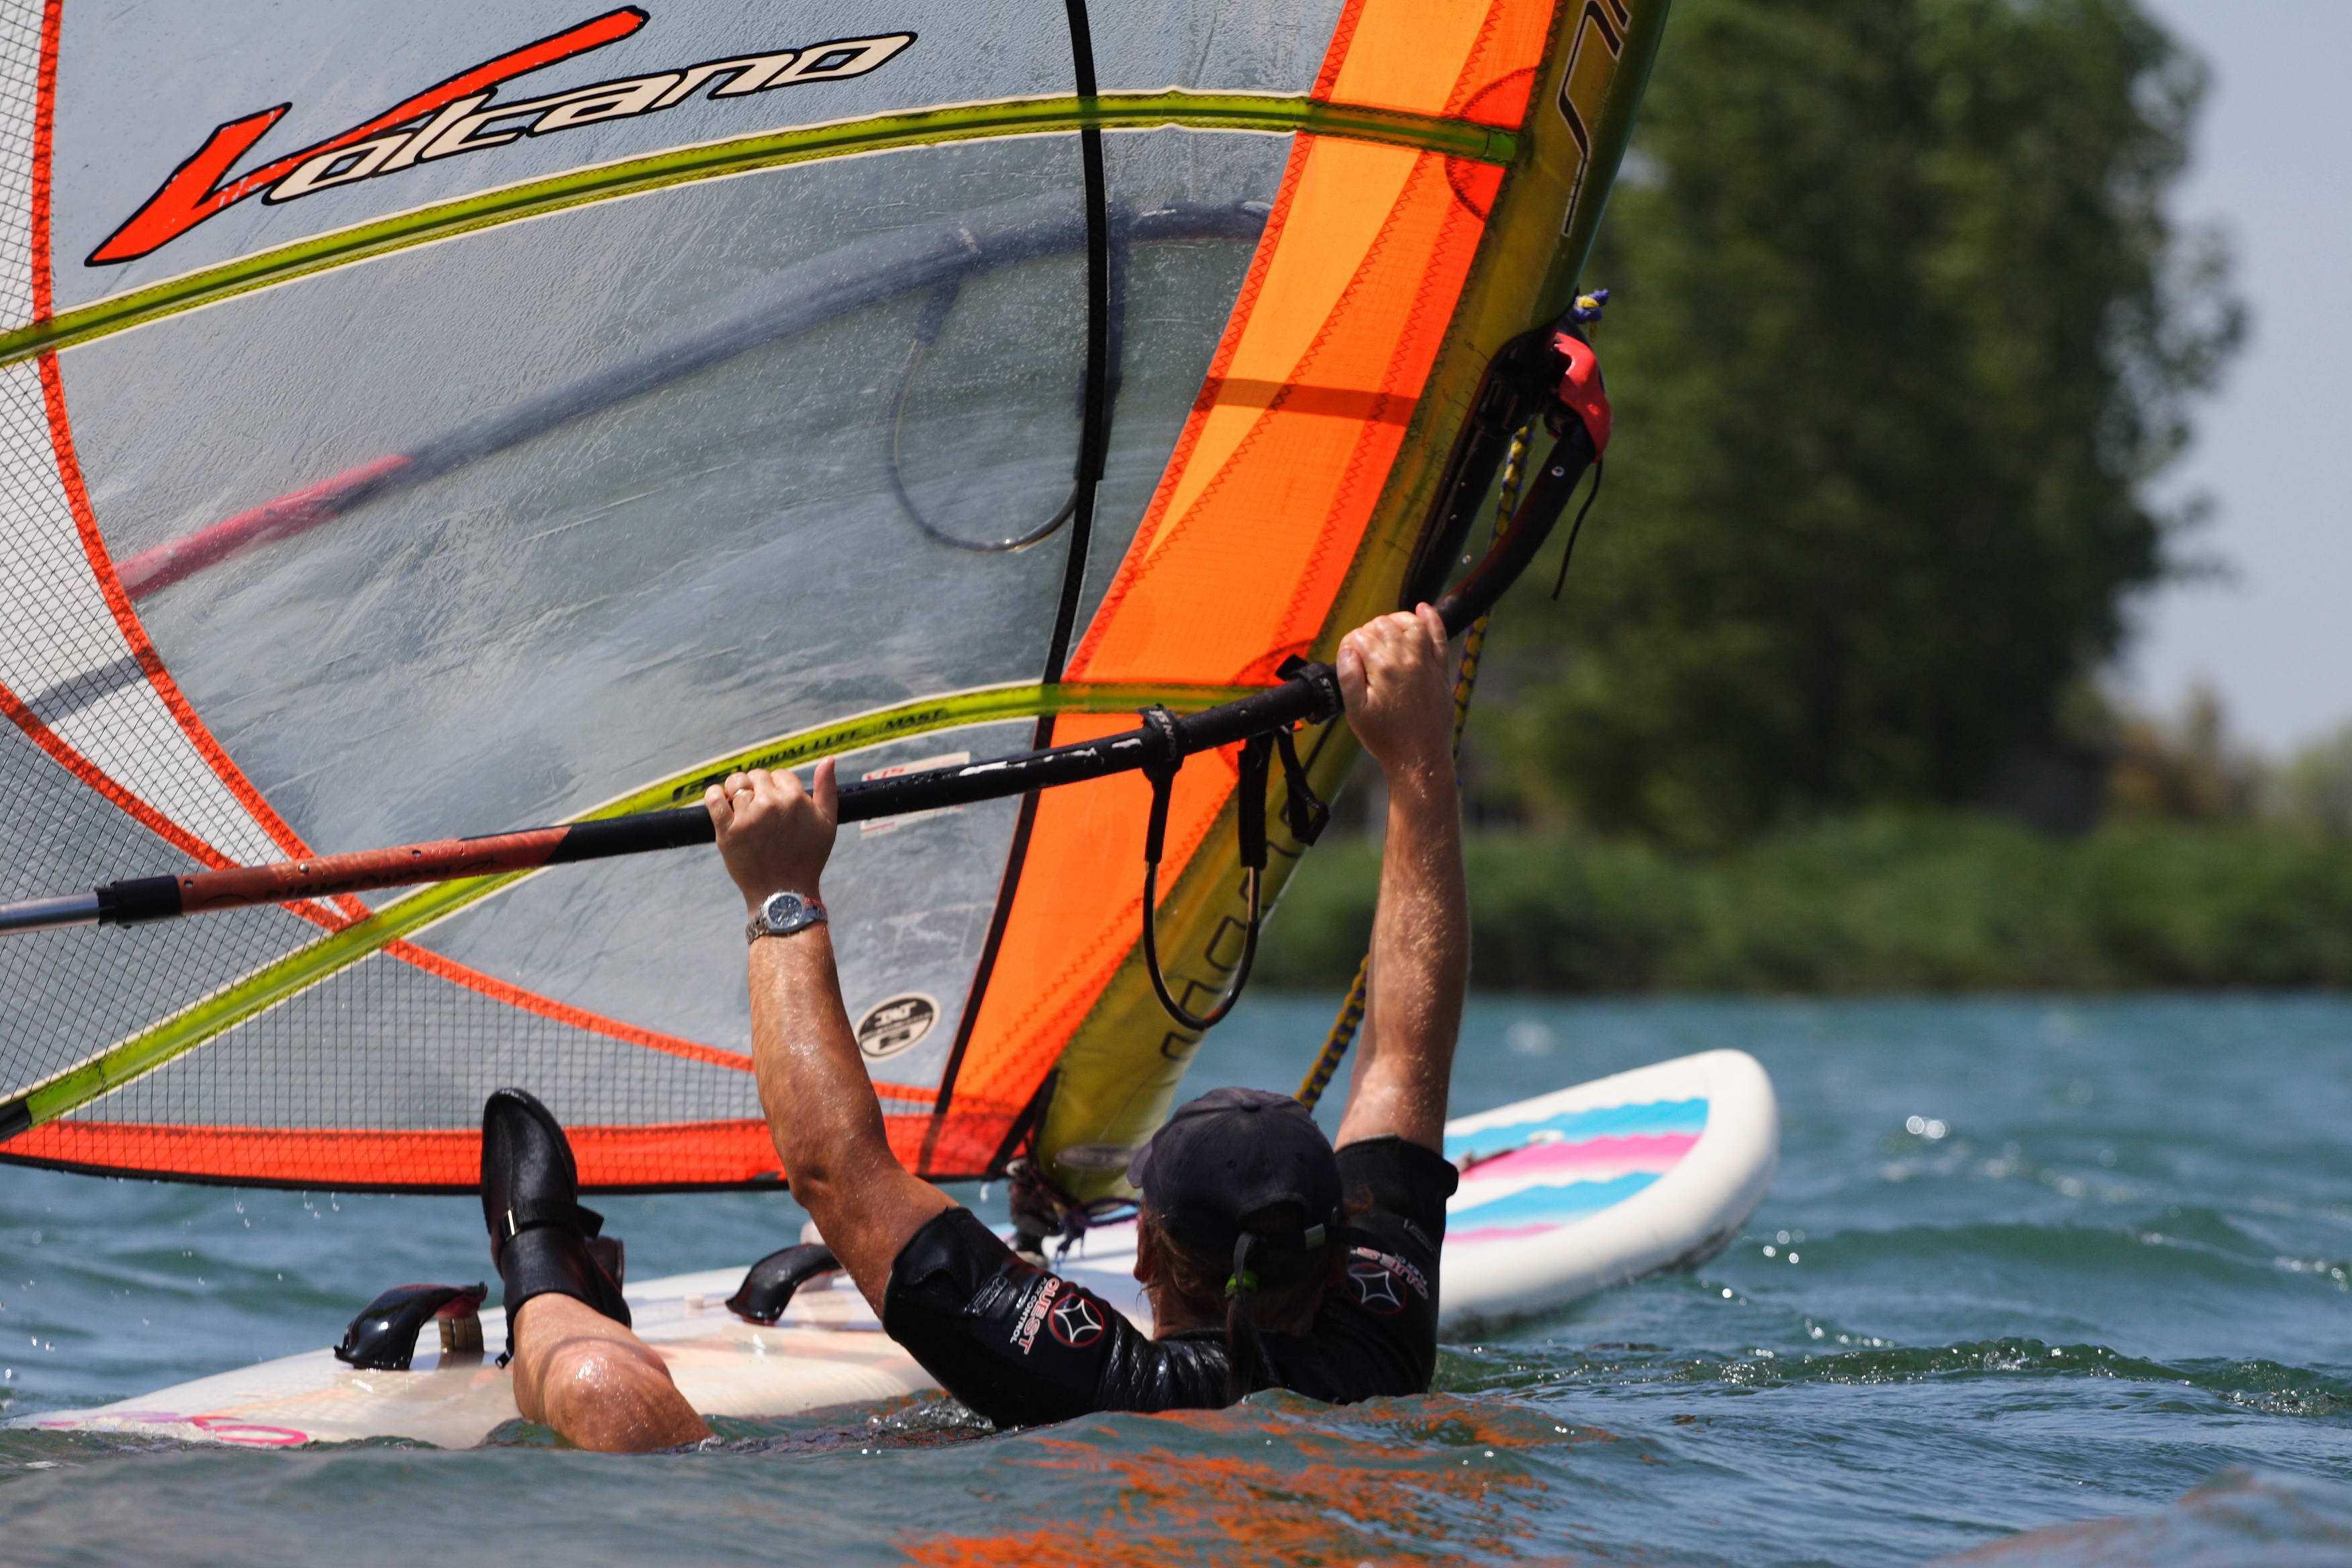 windsurfing-arad_08_2.jpg